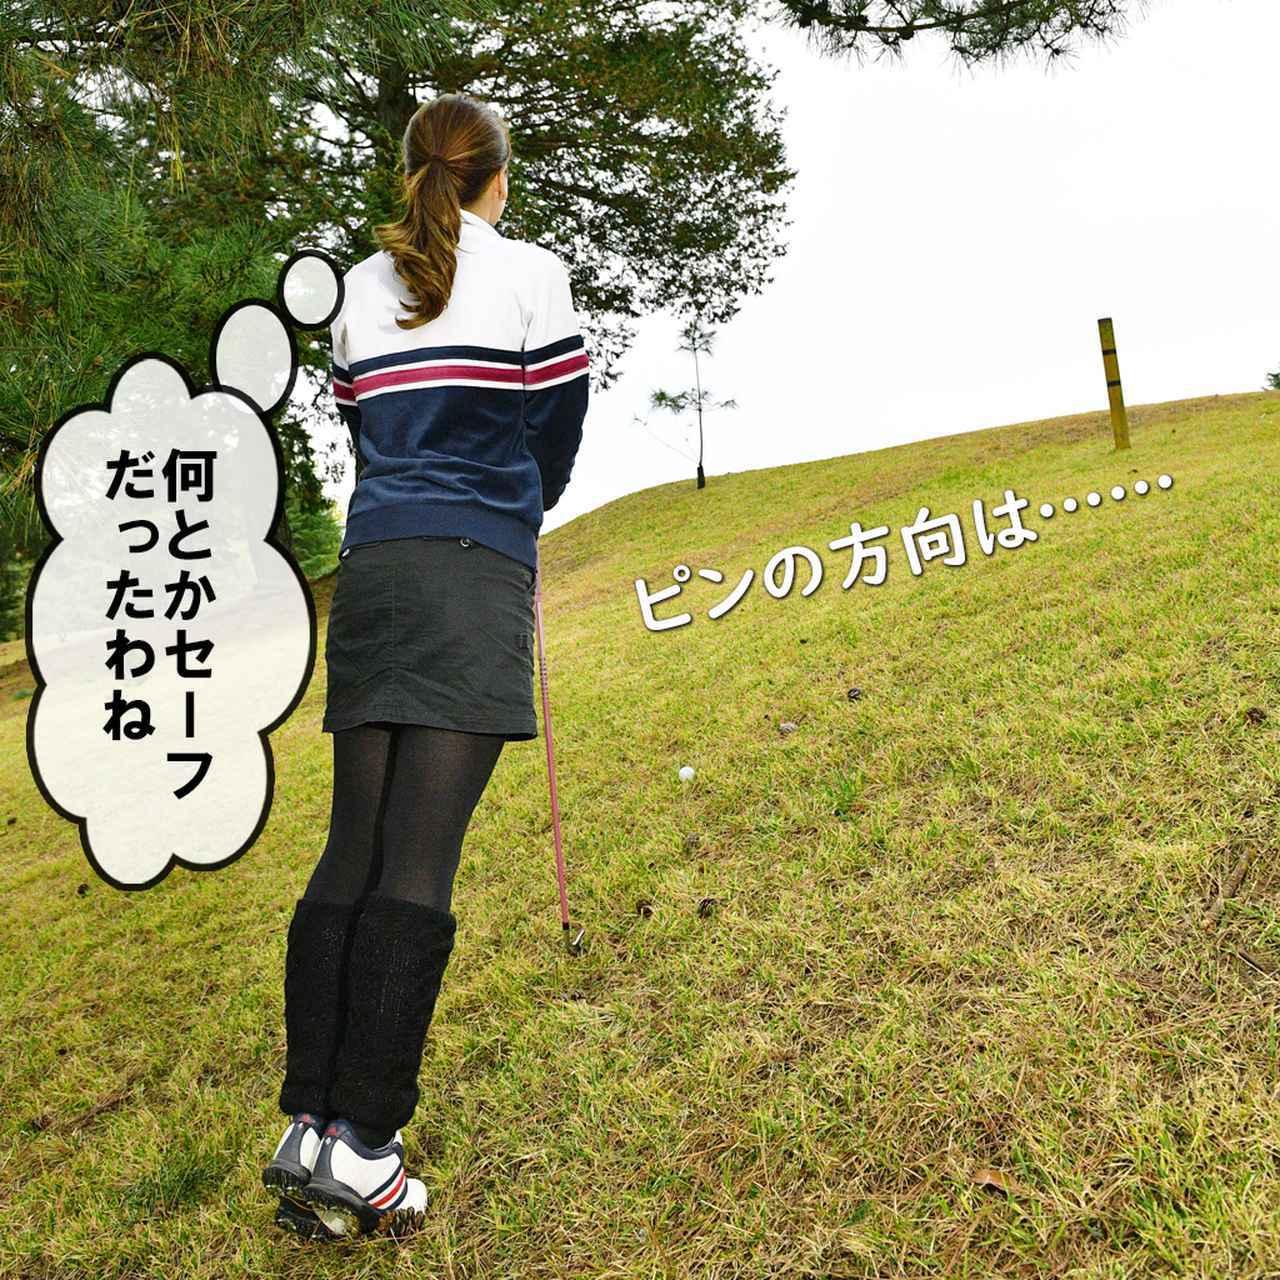 画像2: 【新ルール】ピンが見えない所にボールがあるときは、ピンの方向を教えていい?